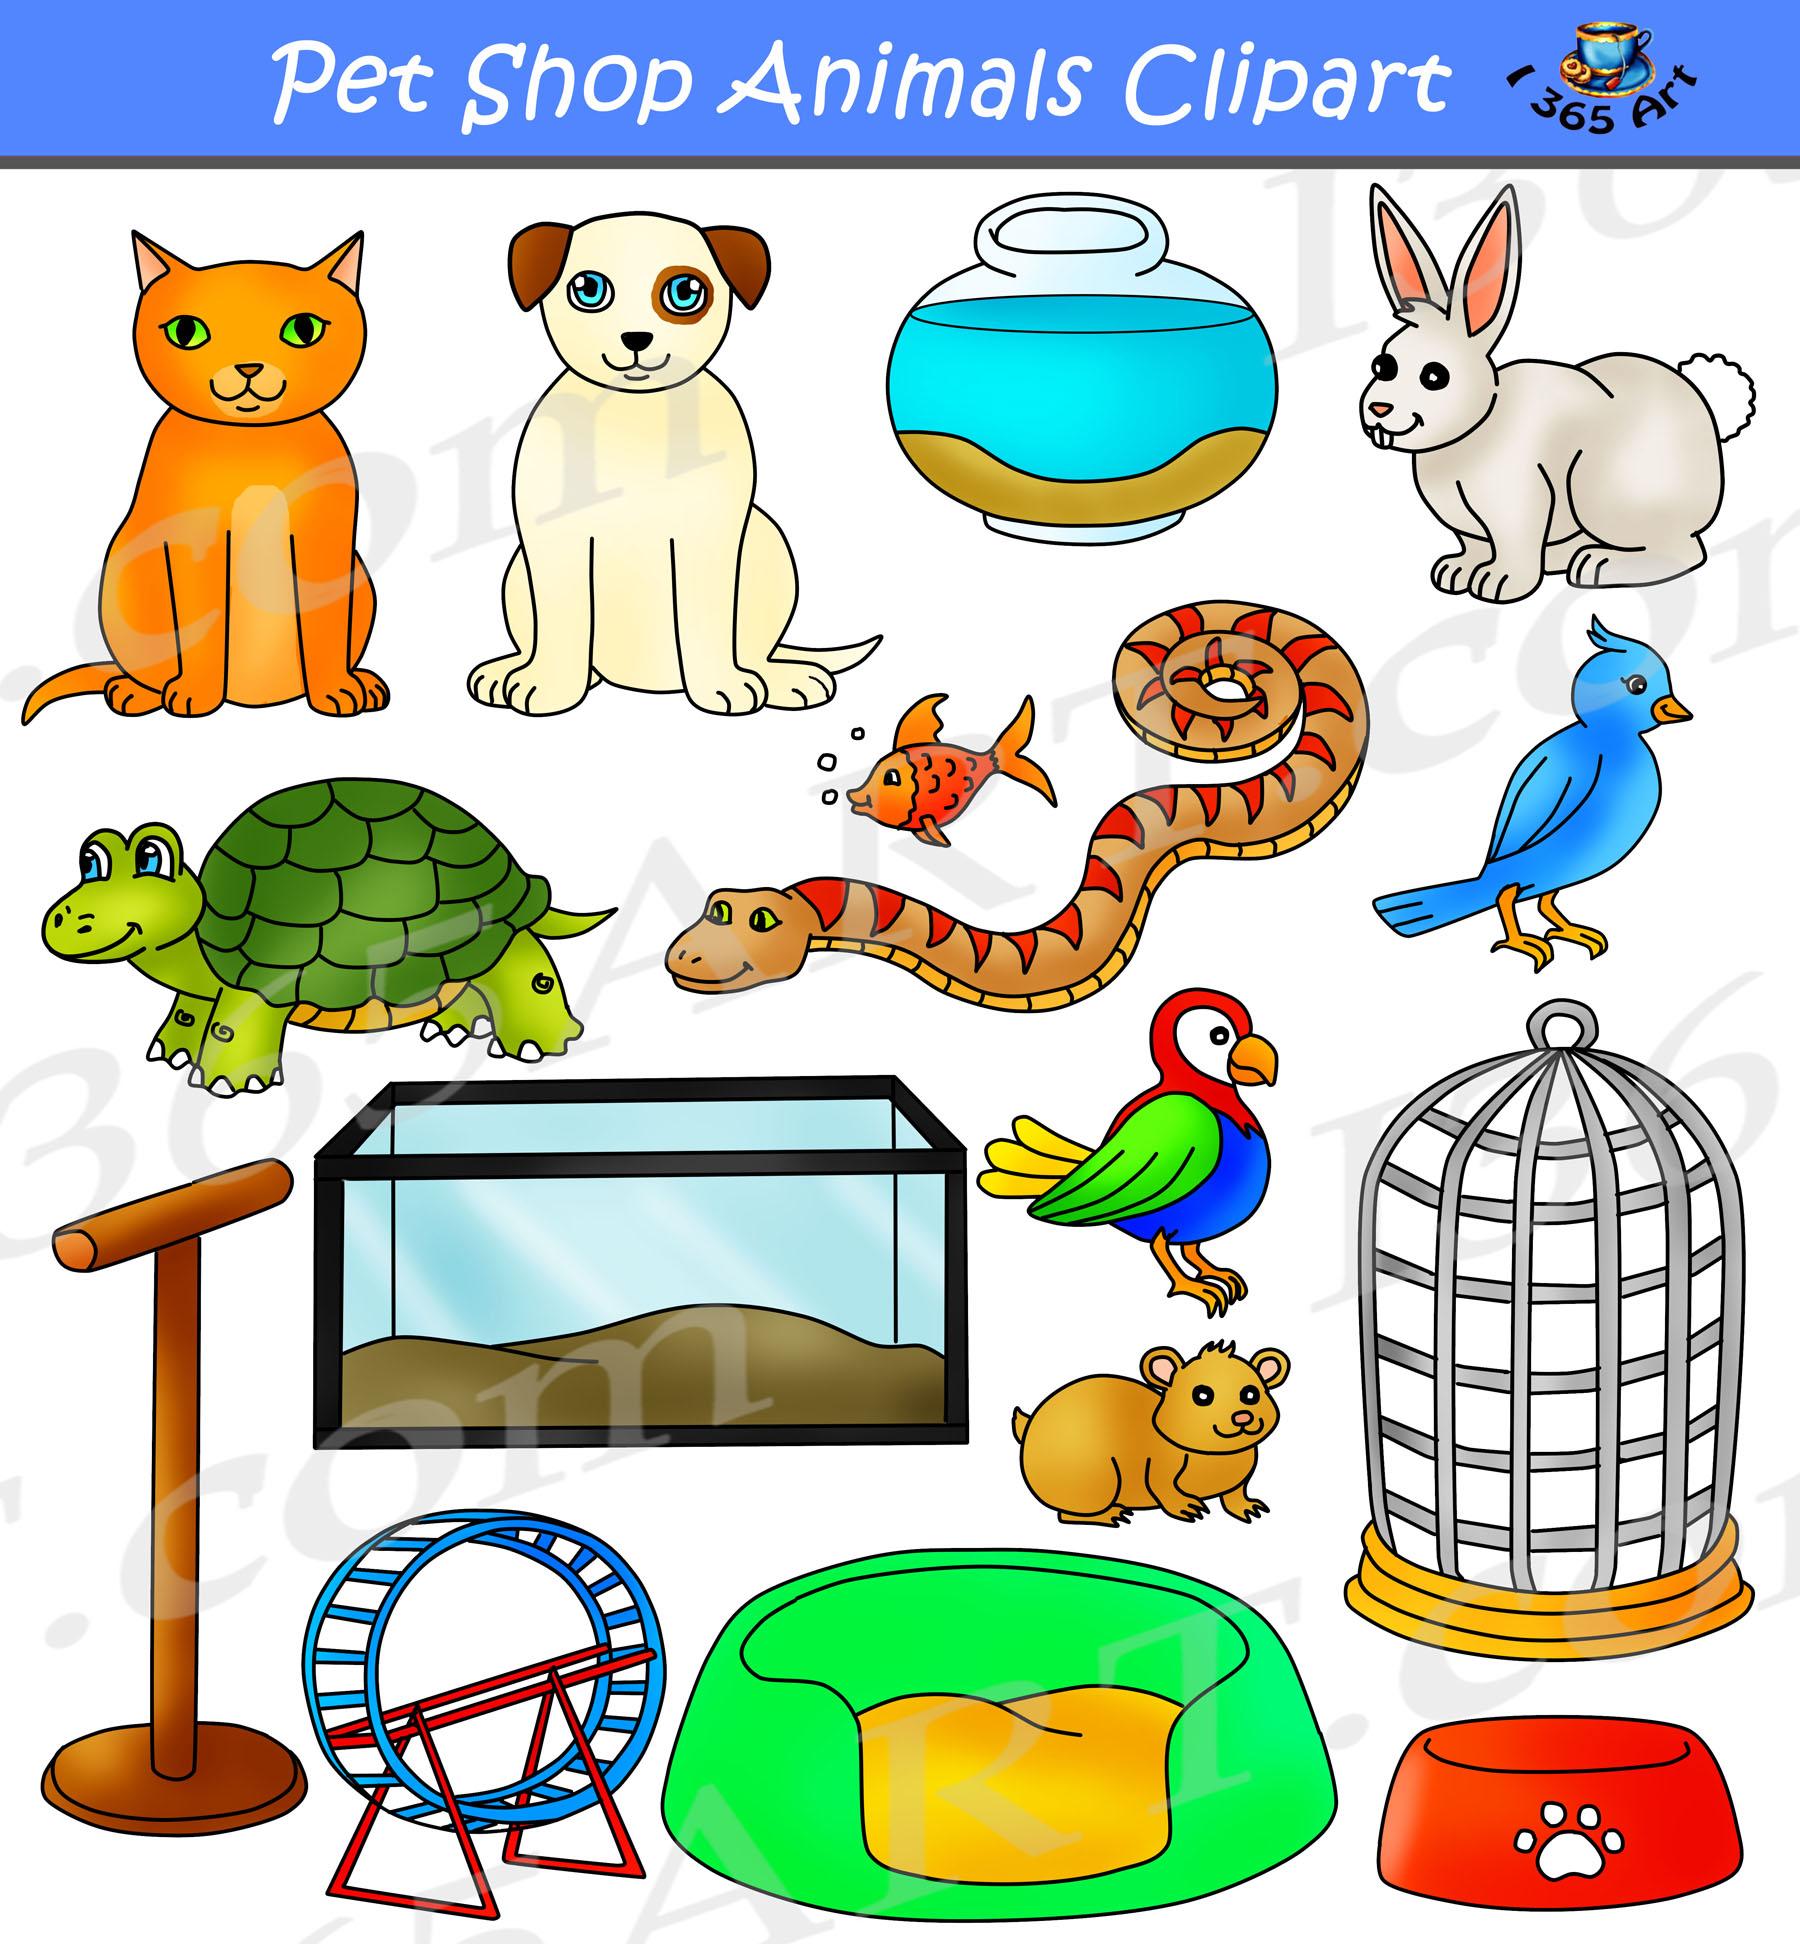 Pet Shop Animals Clipart Commercial Set.